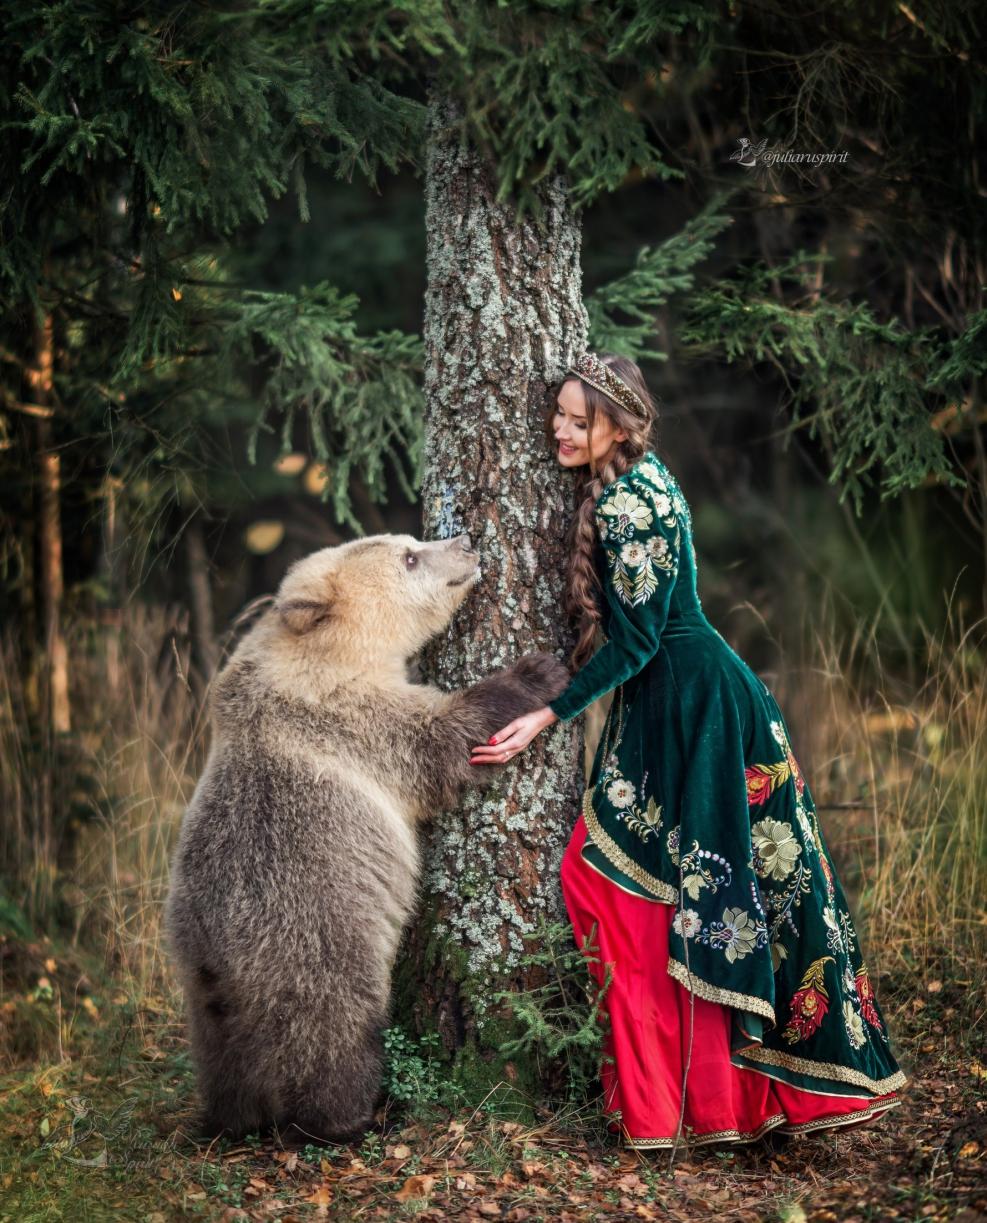 Девушка в вышитом узорами платье в кокошнике у березы гладит медвежонка